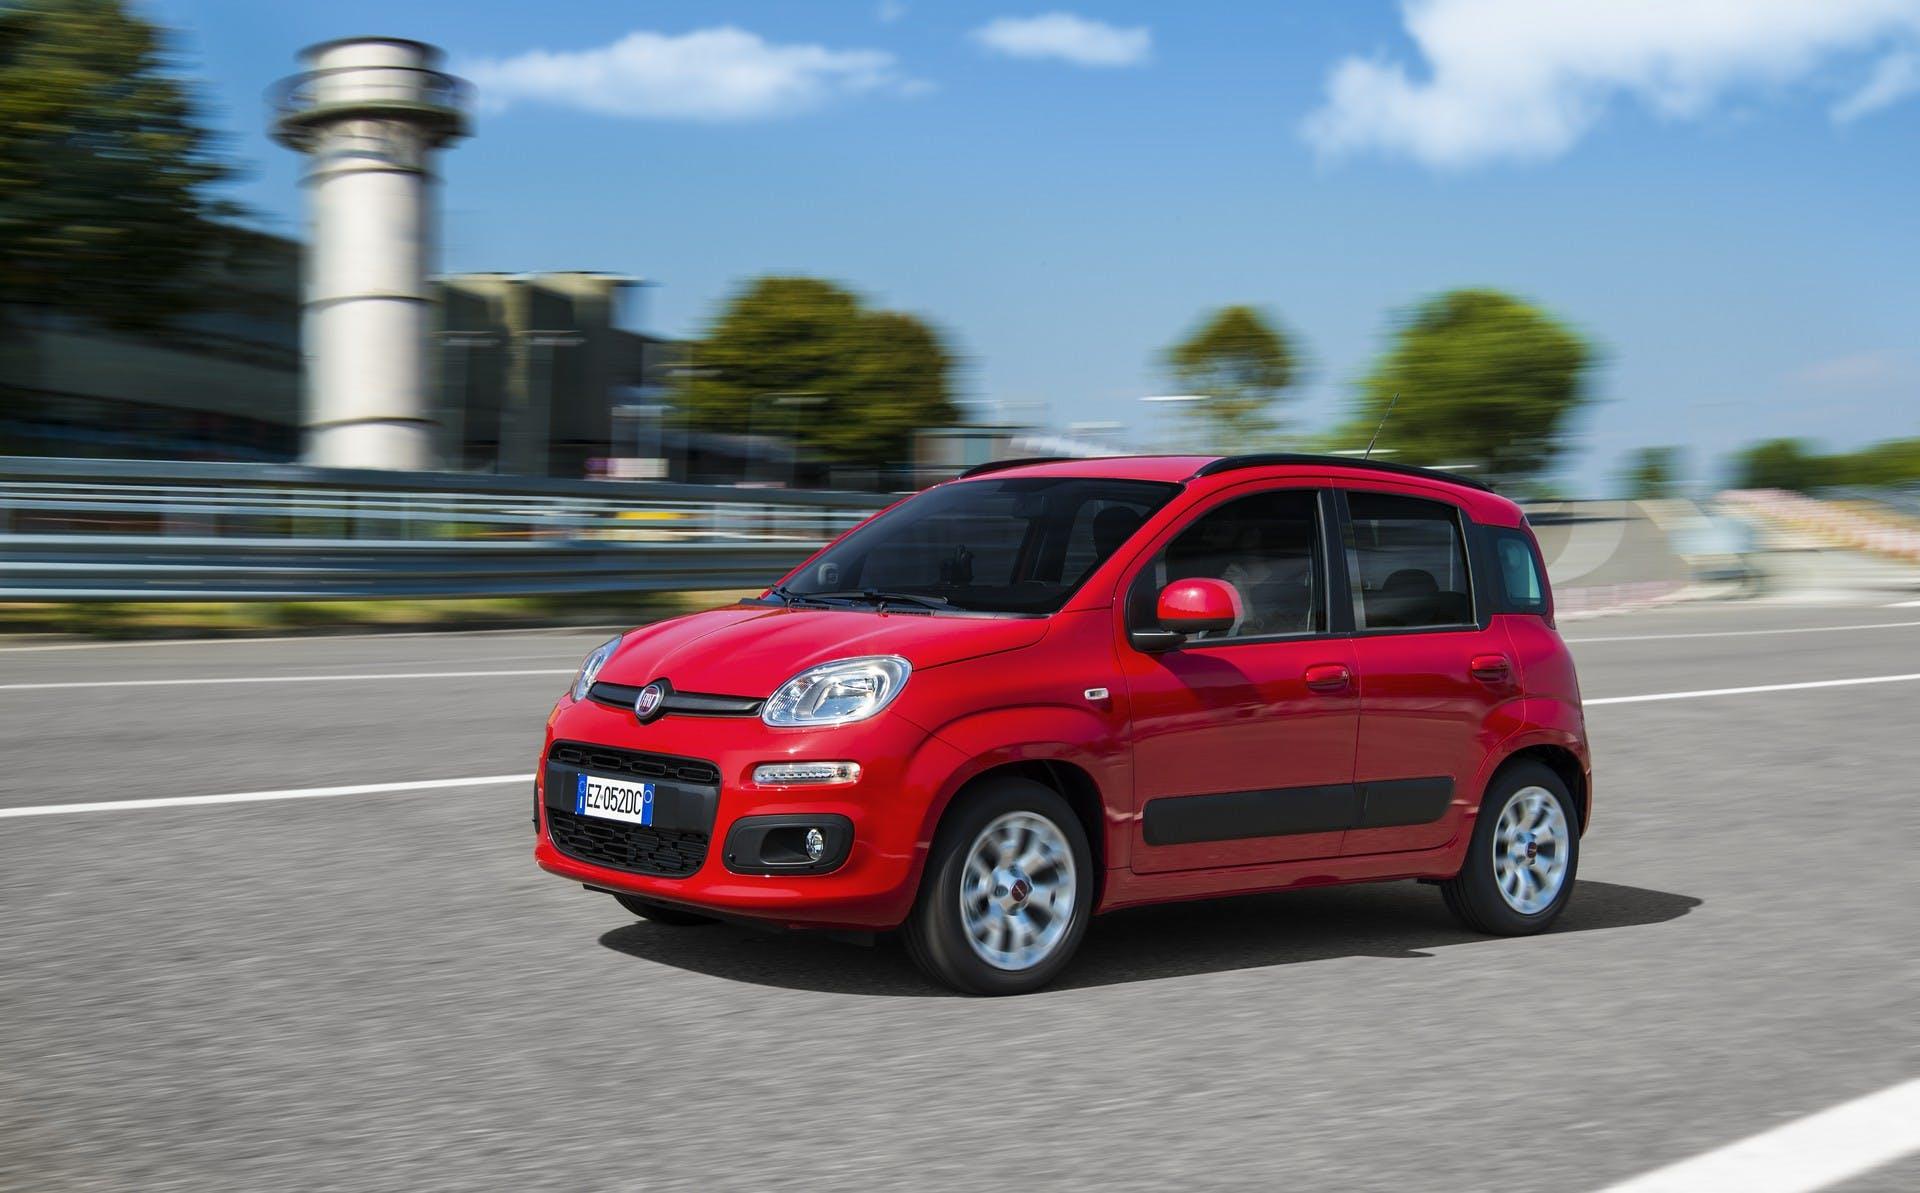 Fiat Panda cambio automatico color rosso vista lateralmente